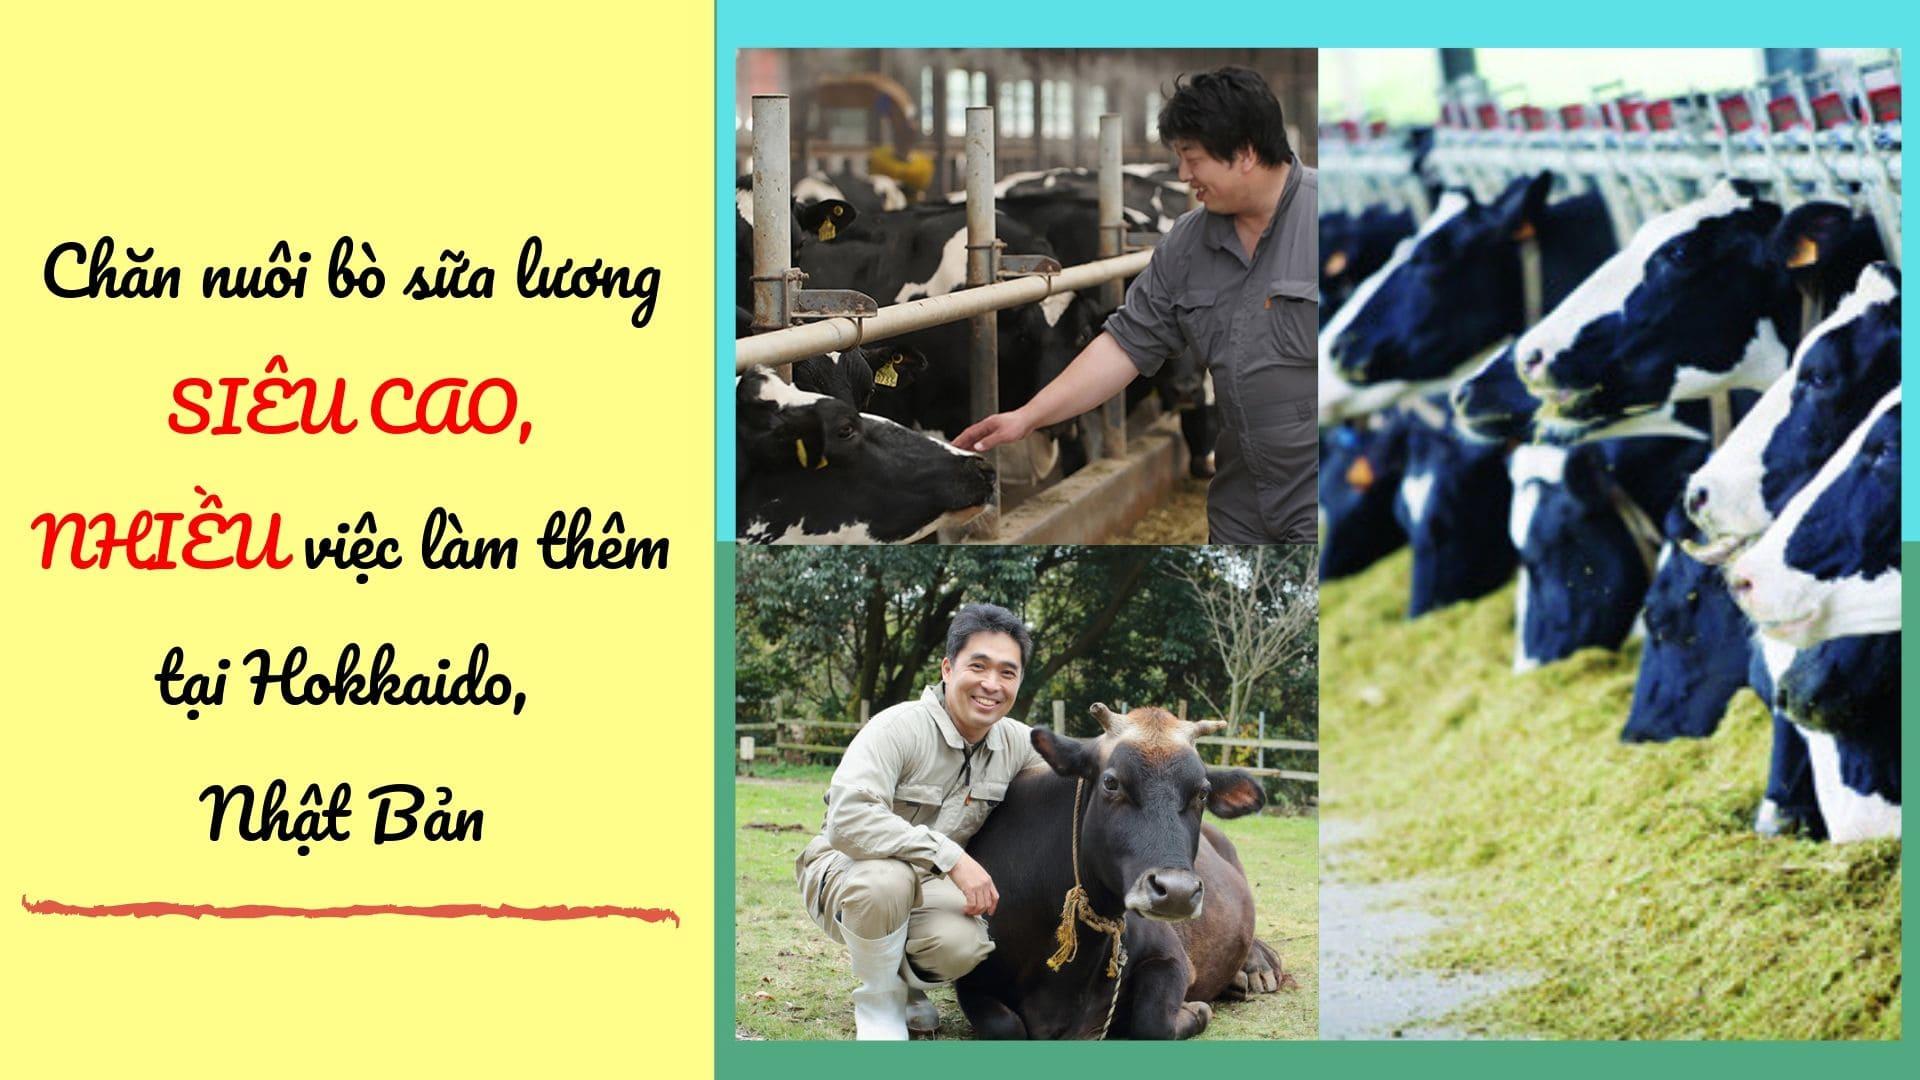 Đơn hàng chăn nuôi bò sữa tại Hokkaido sữa LƯƠNG SIÊU CAO, tuyển gấp 05/2019